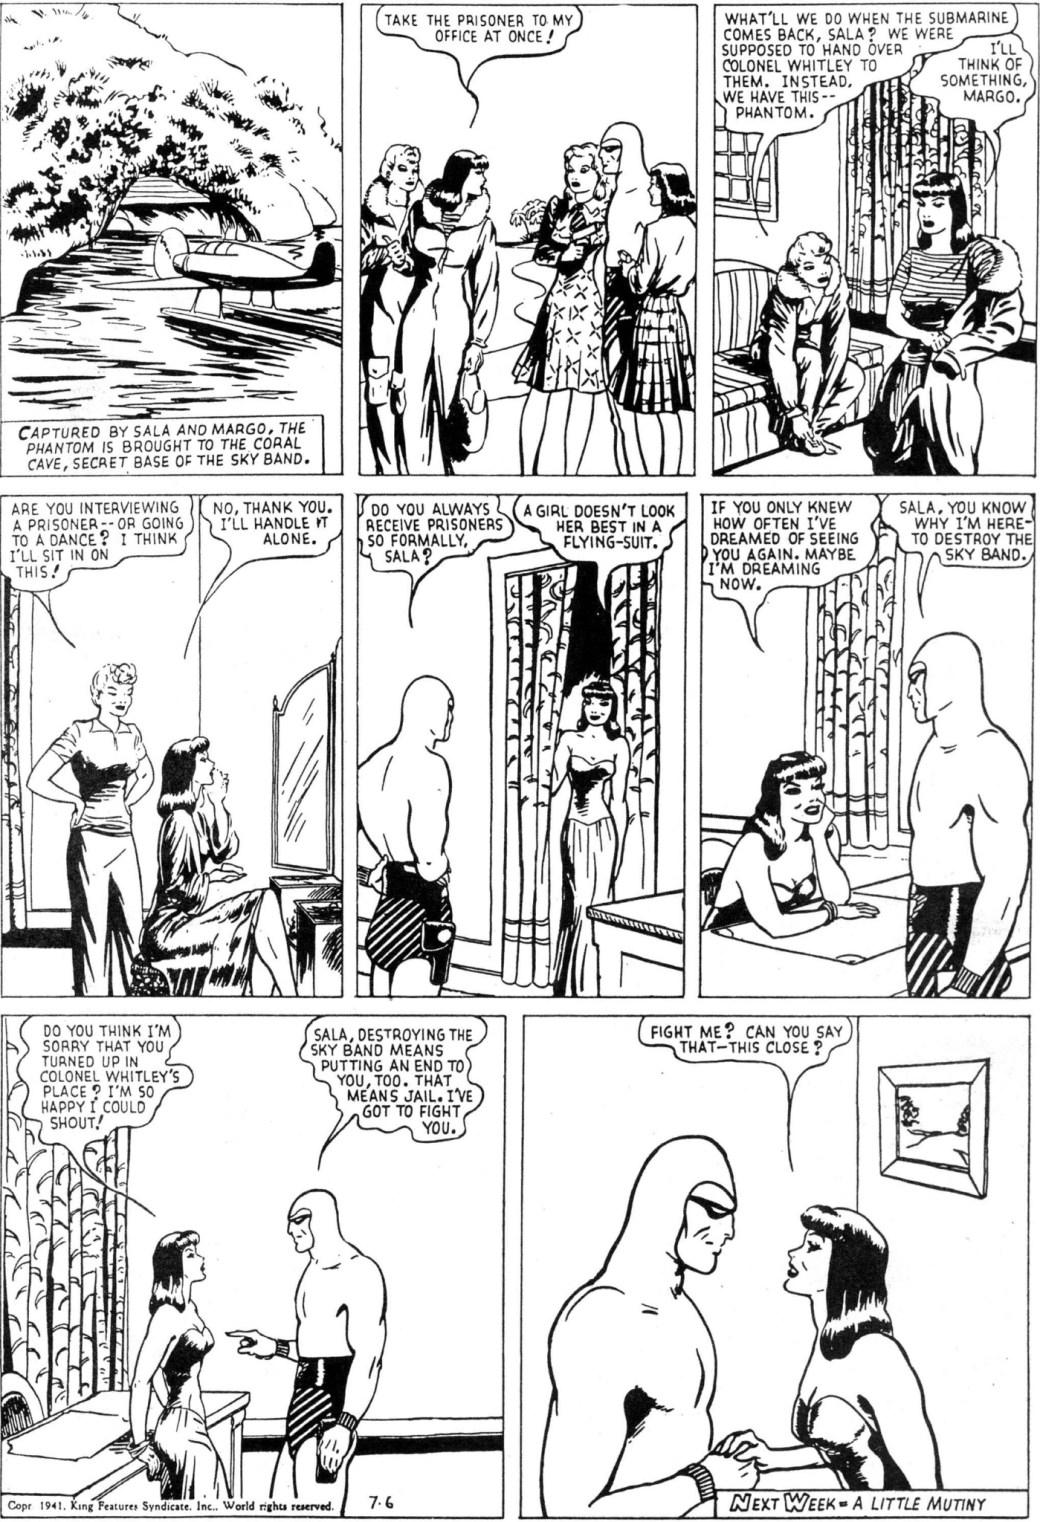 En stående söndagssida av Fantomen av Lee Falk och Ray Moore från 6 juli 1941